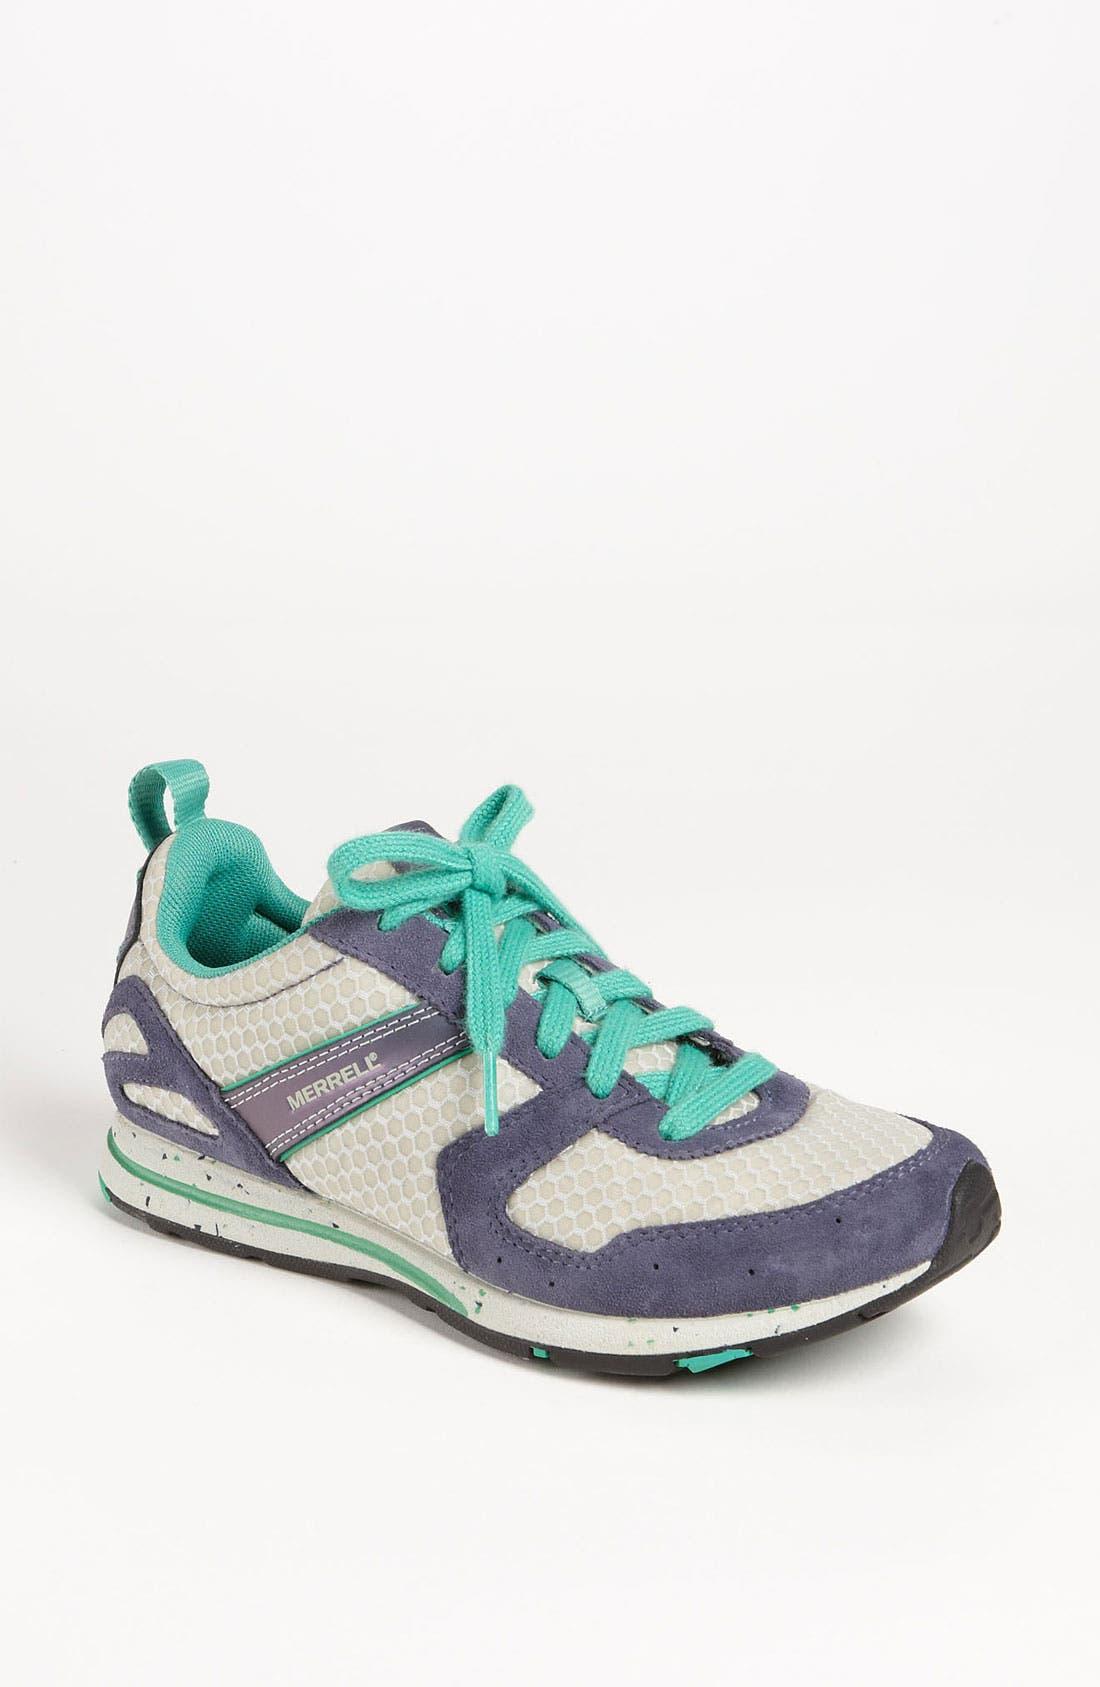 Alternate Image 1 Selected - Merrell 'Kalkora' Sneaker (Women)